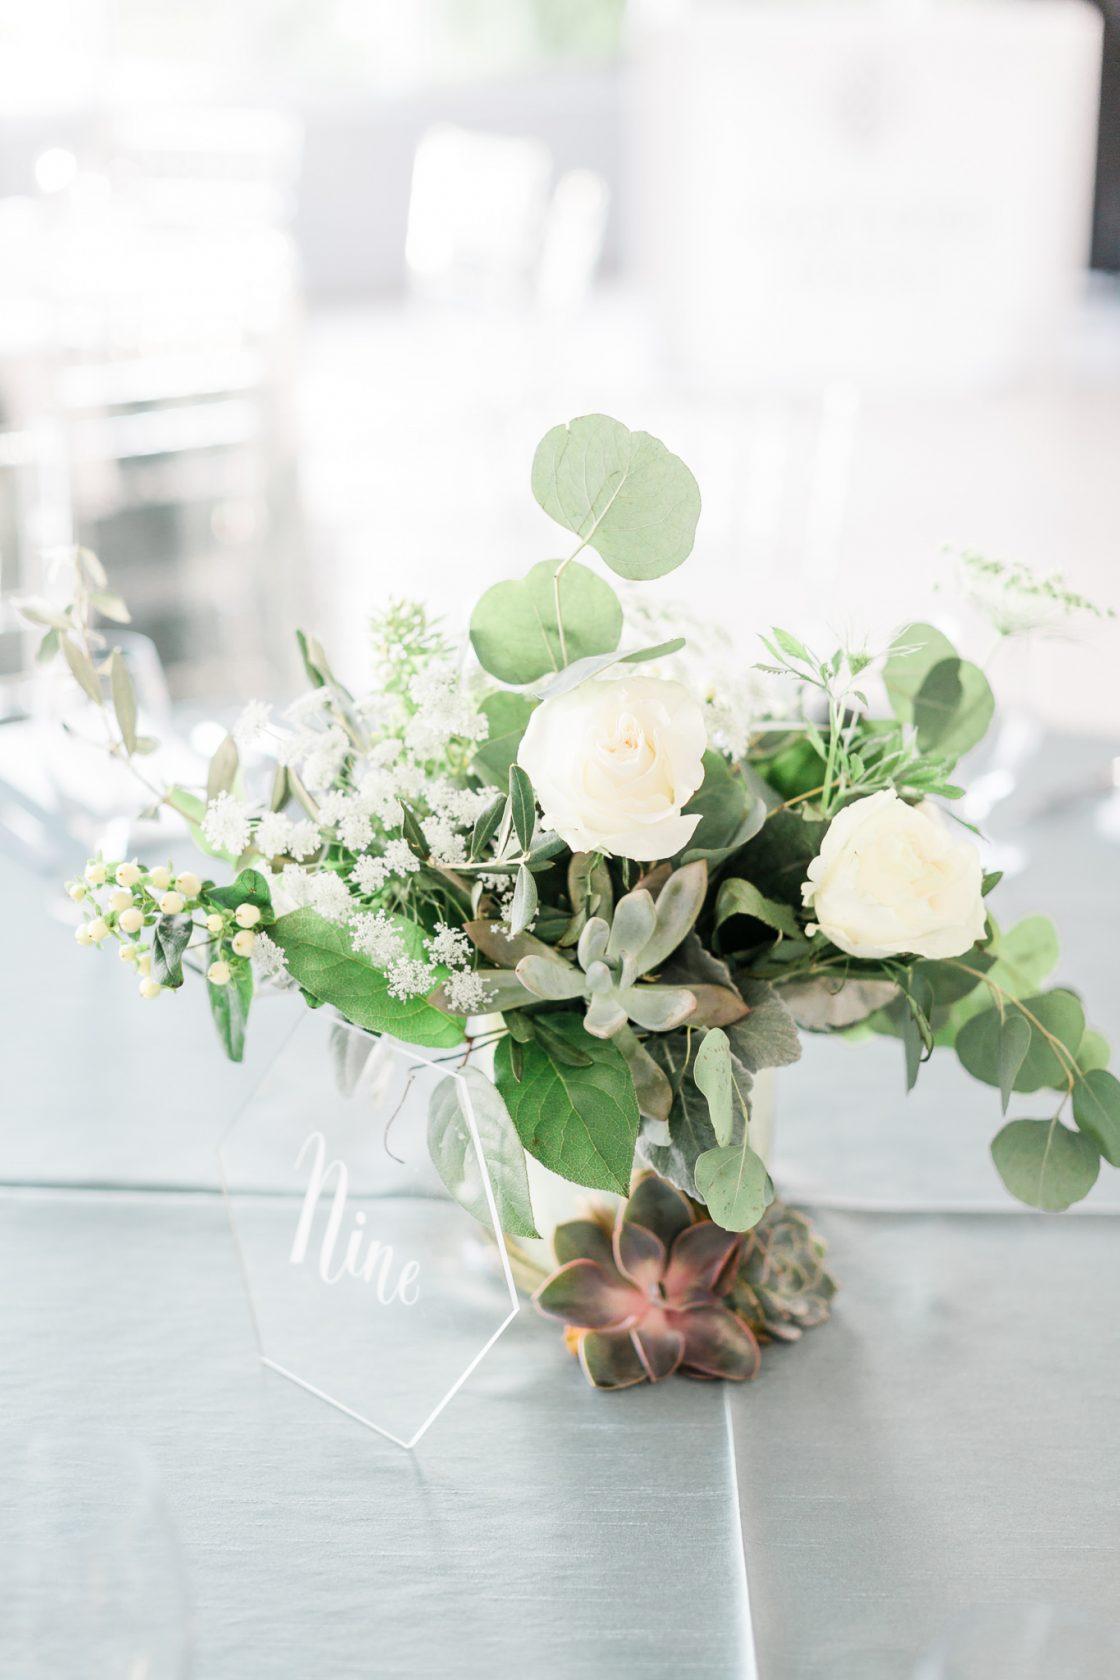 Succulent Rose Eucalyptus Wedding Centerpiece